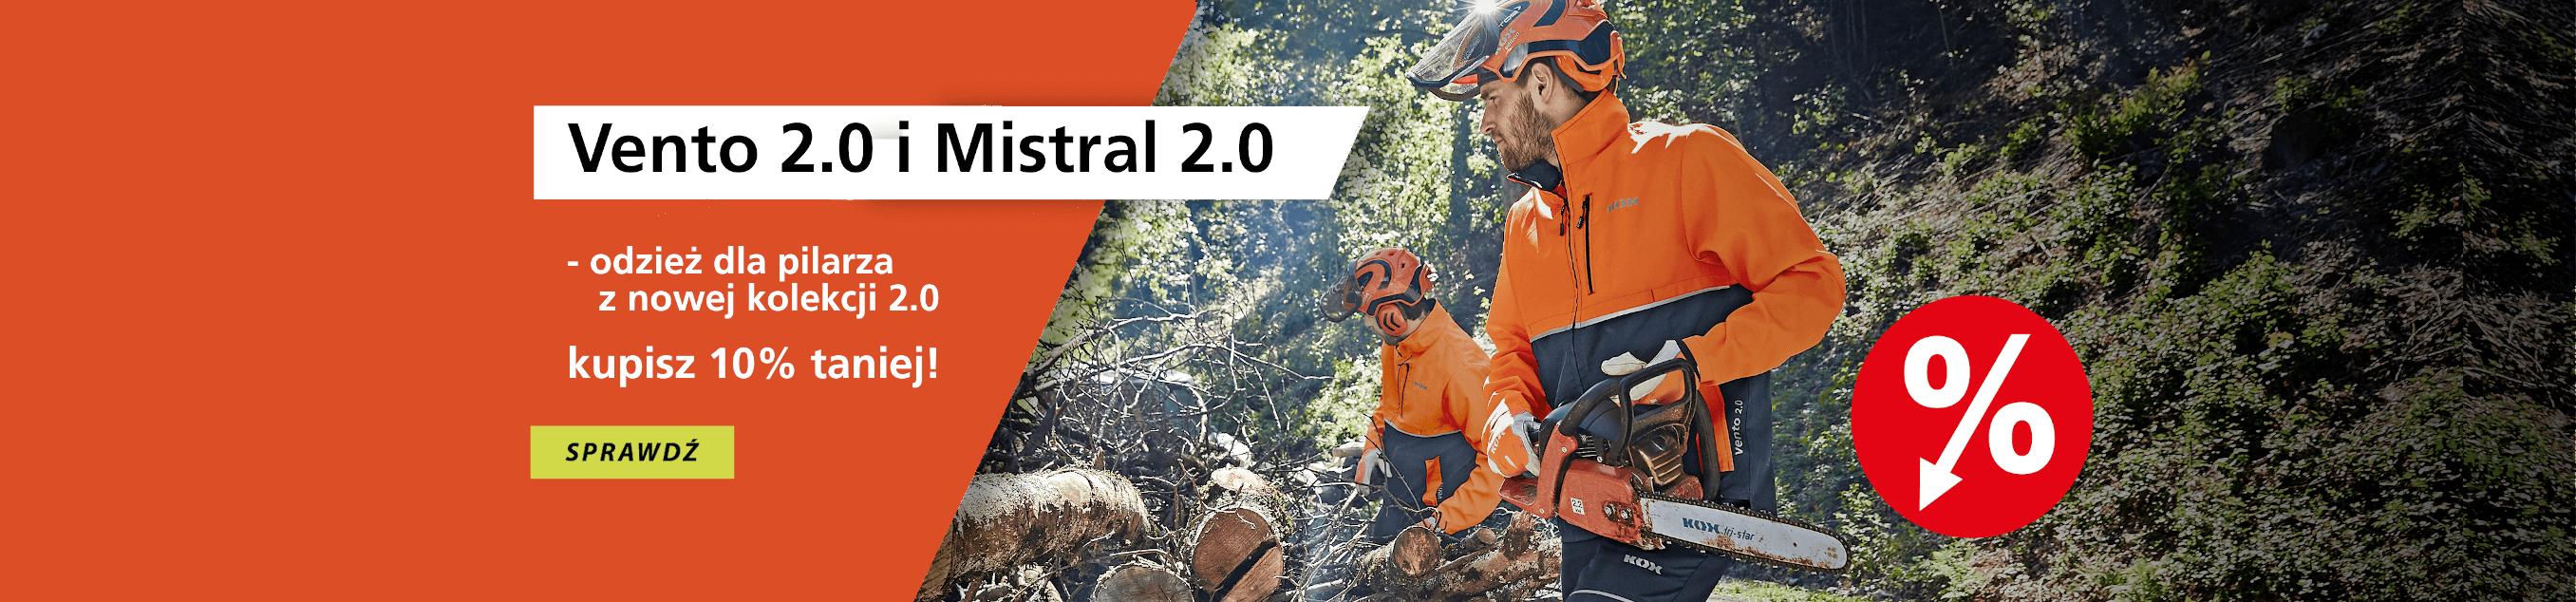 Vento 2.0 i Mistral 2.0